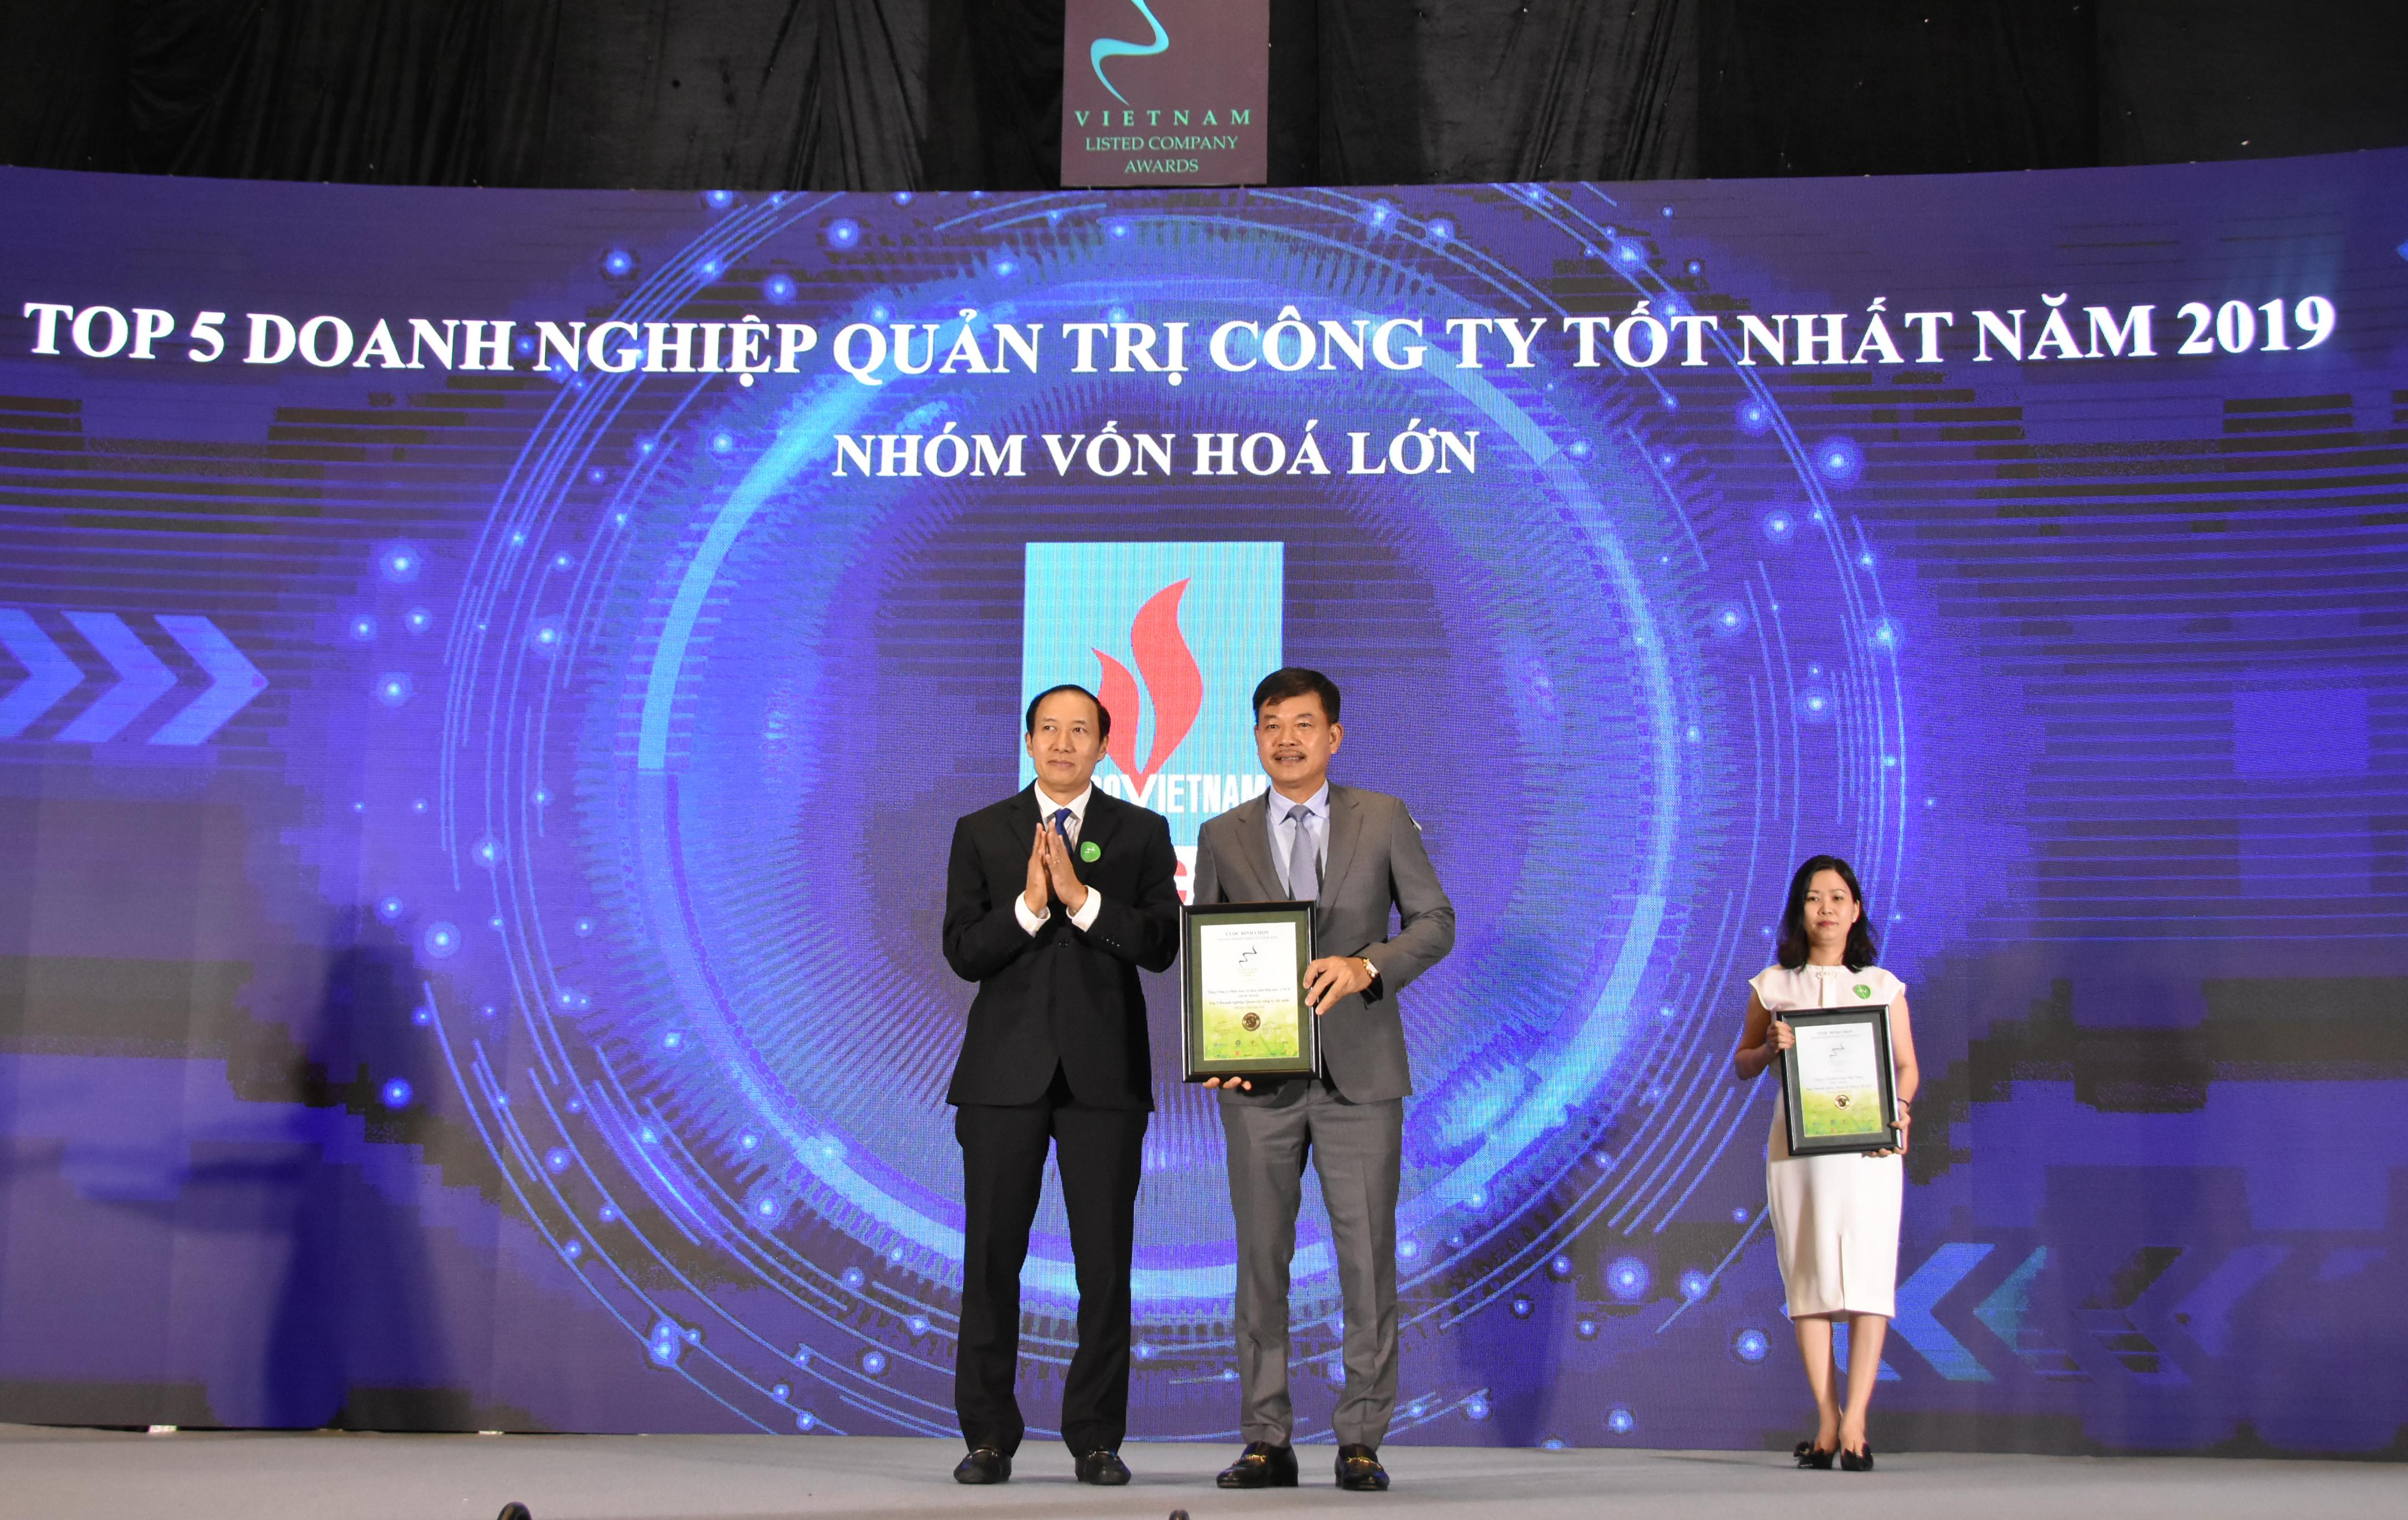 DPM được vinh danh Doanh nghiệp Quản trị công ty tốt nhất năm 2019  - Ảnh 1